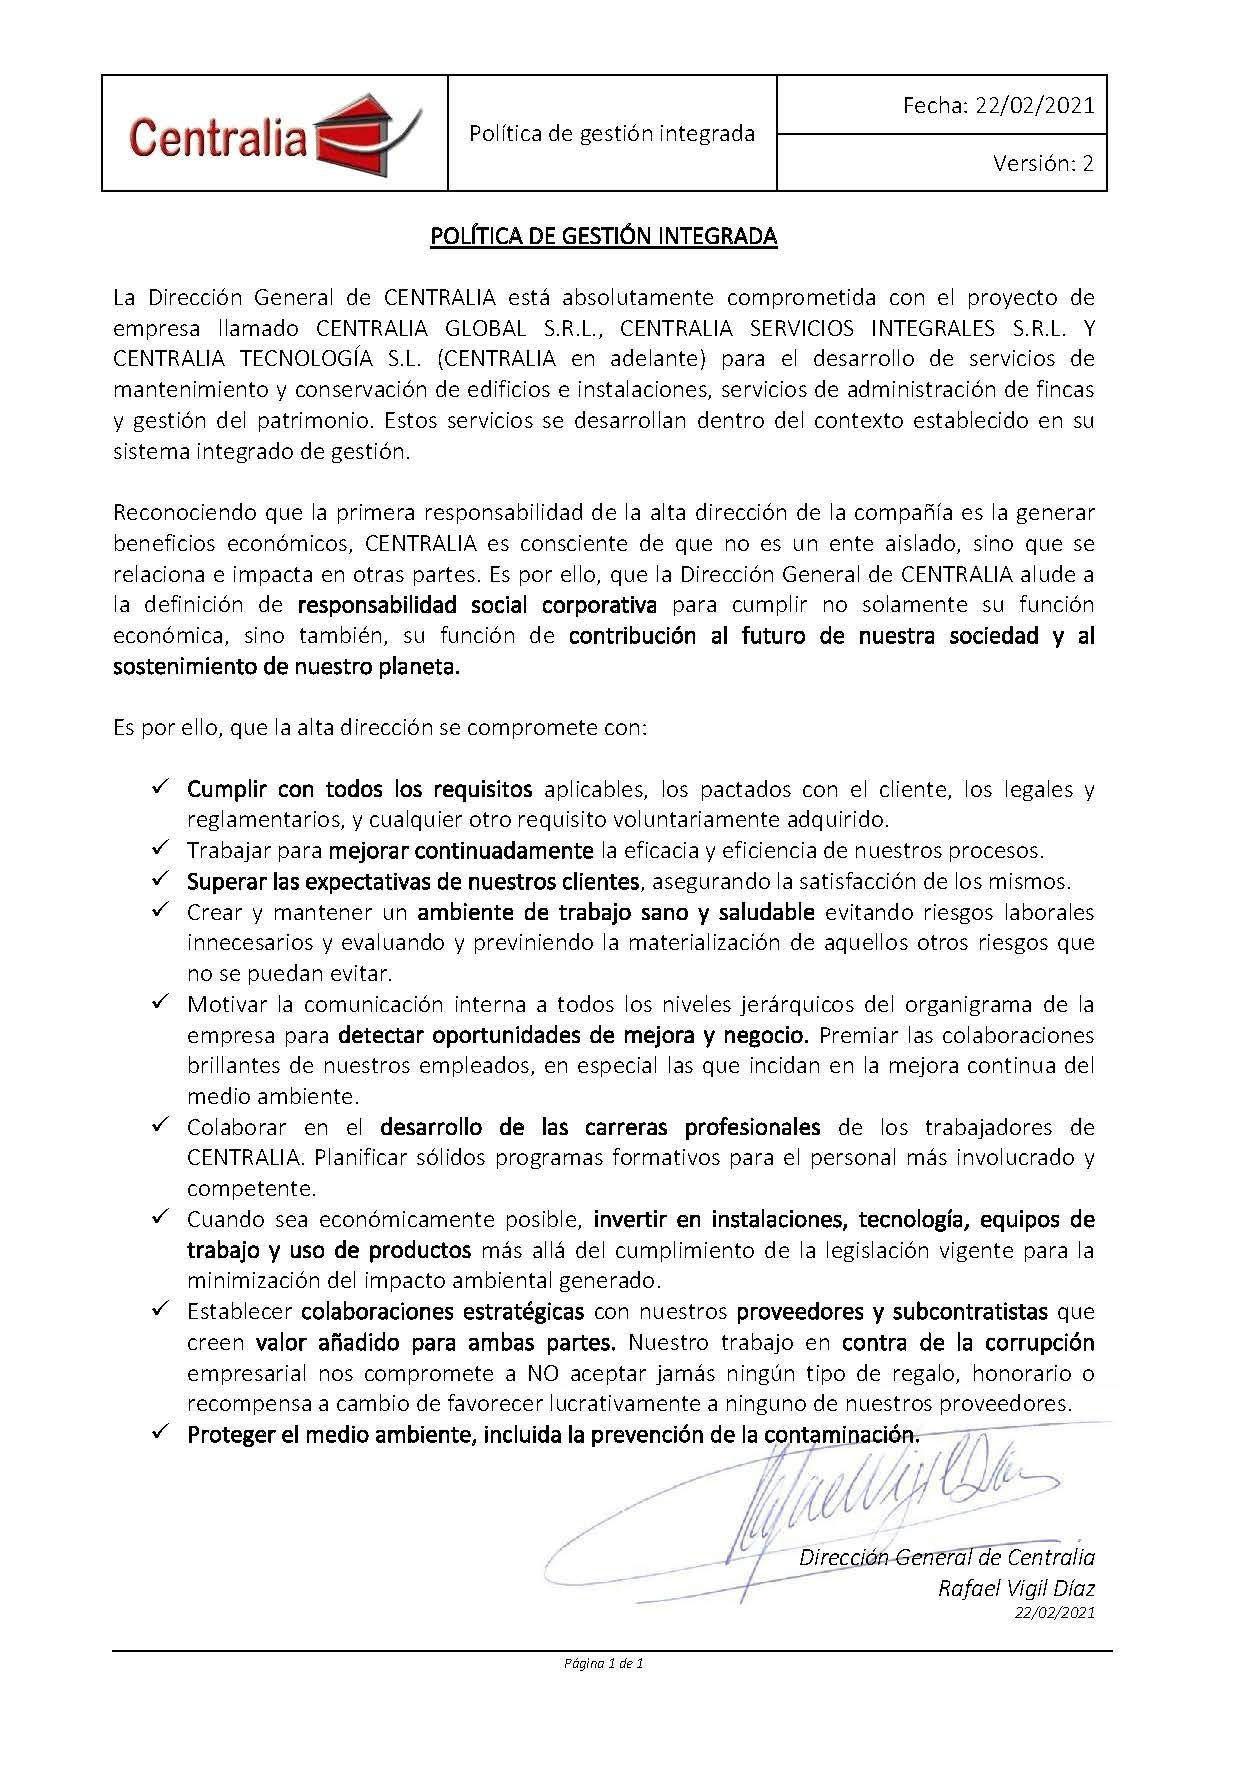 20210222 Política de gestión integrada CENTRALIA